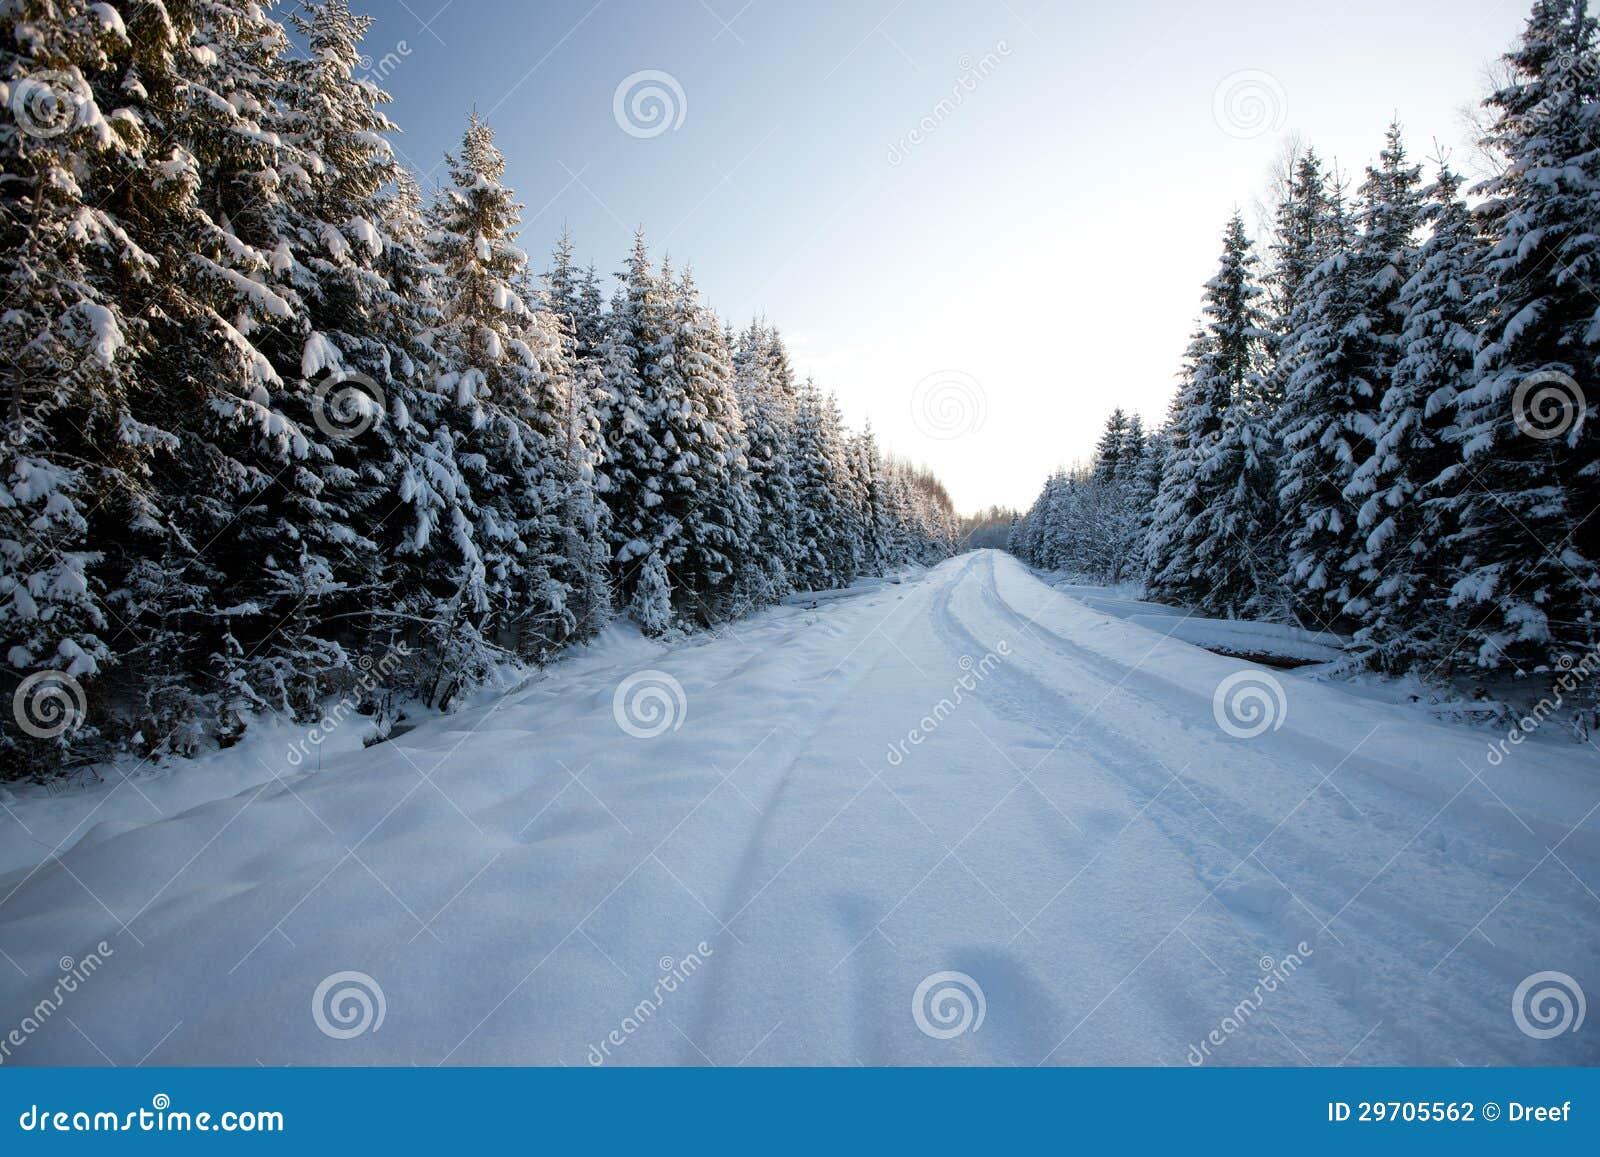 在国家边与冷杉木,拉脱维亚,波儿地克国家,欧洲的冬天路.图片